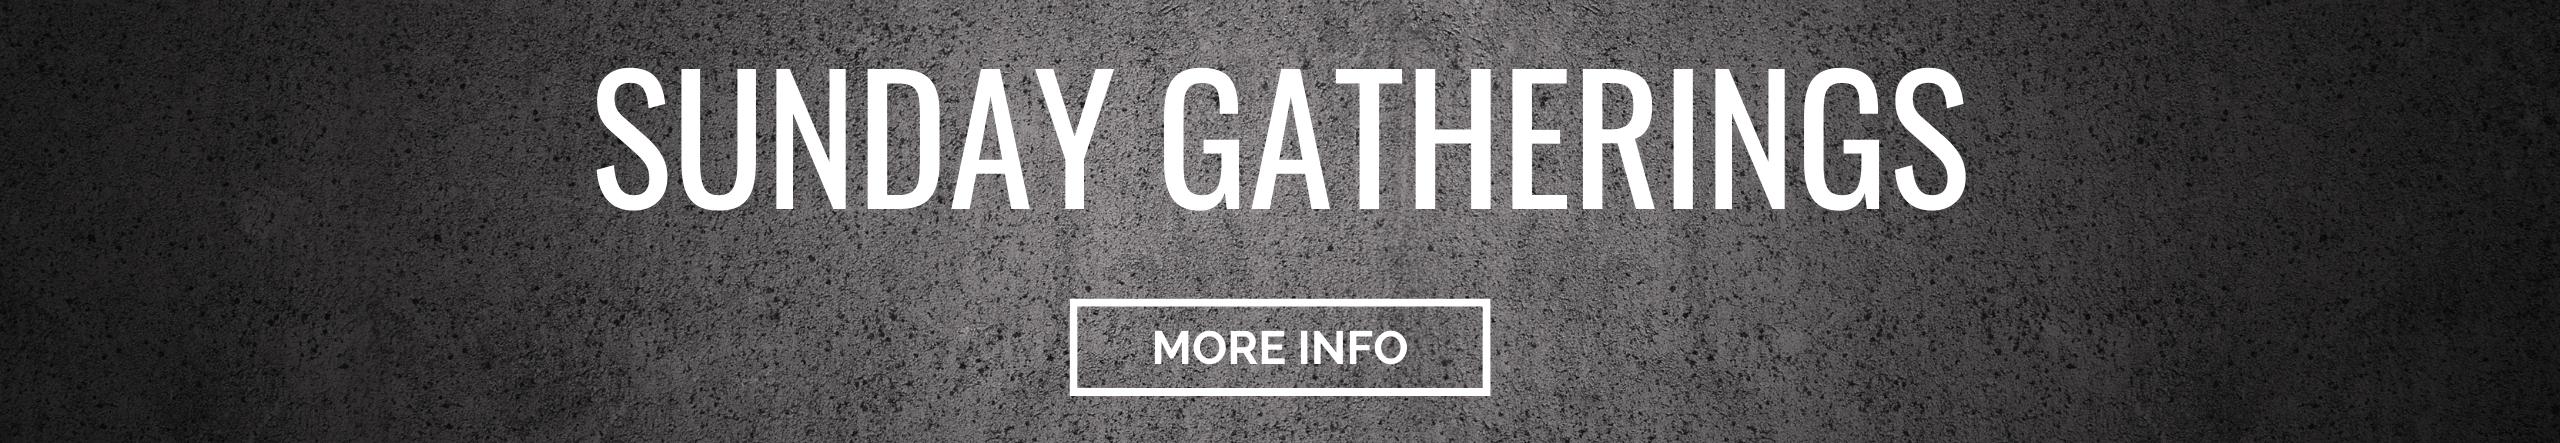 Sunday Gatherings Desktop Banner v2